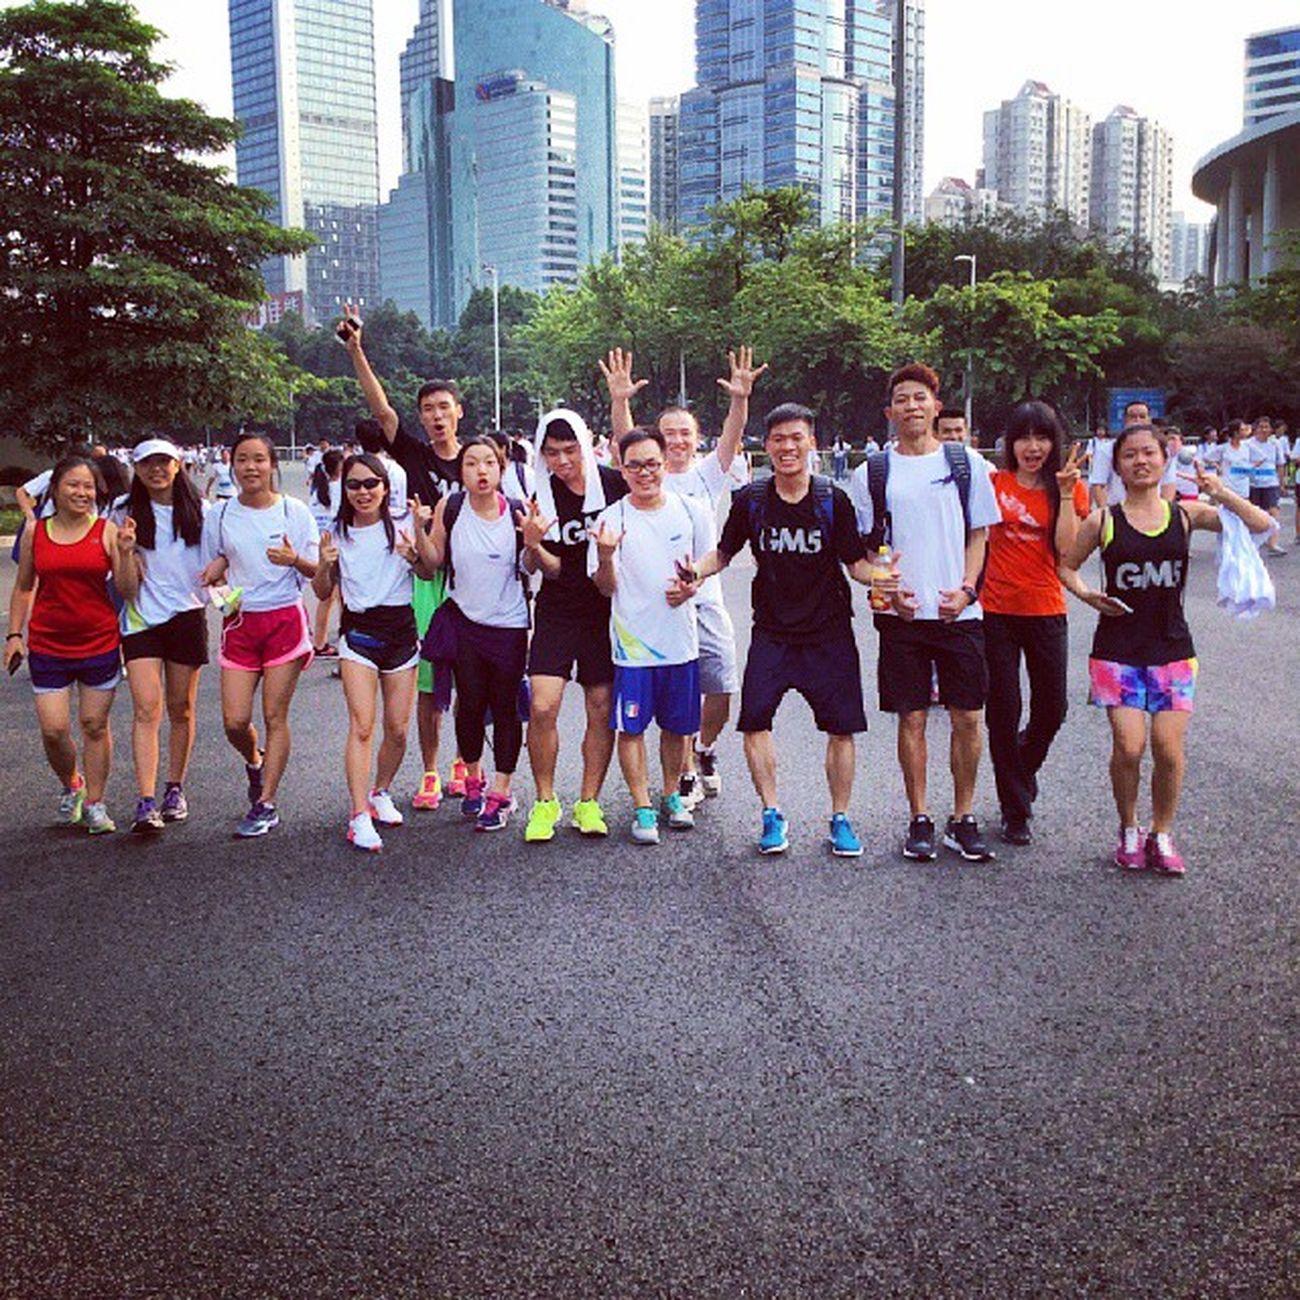 成team人去三星跑步活动🚶 散步 ?